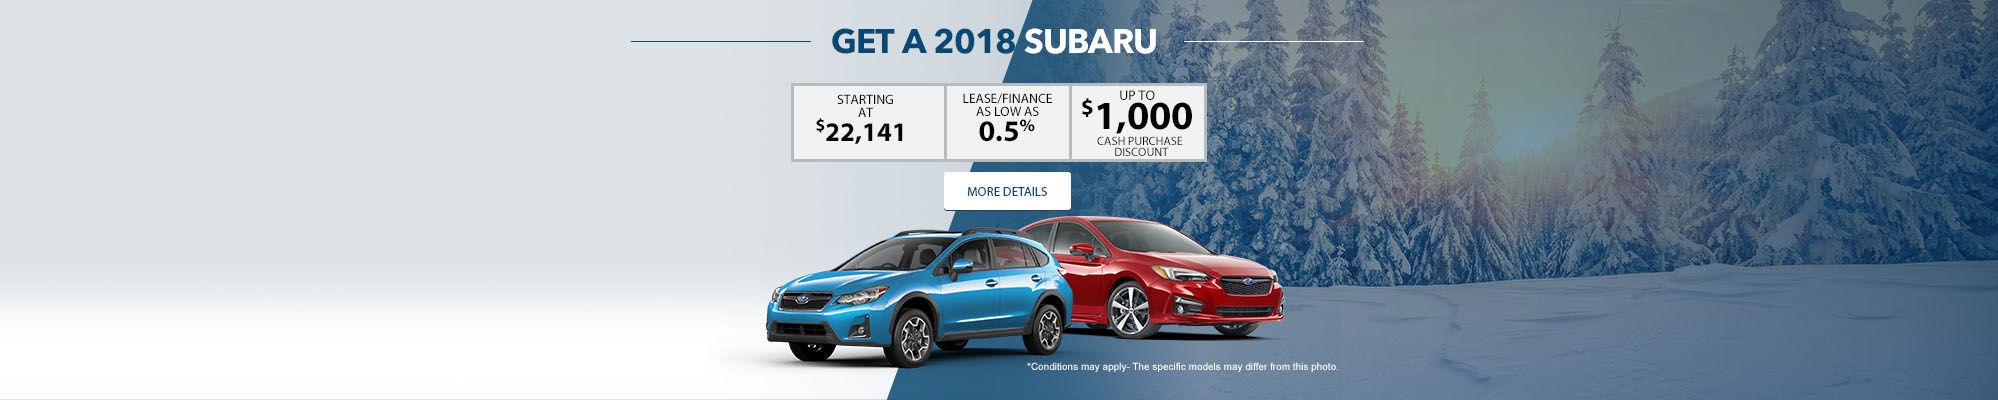 Get a 2018 Subaru